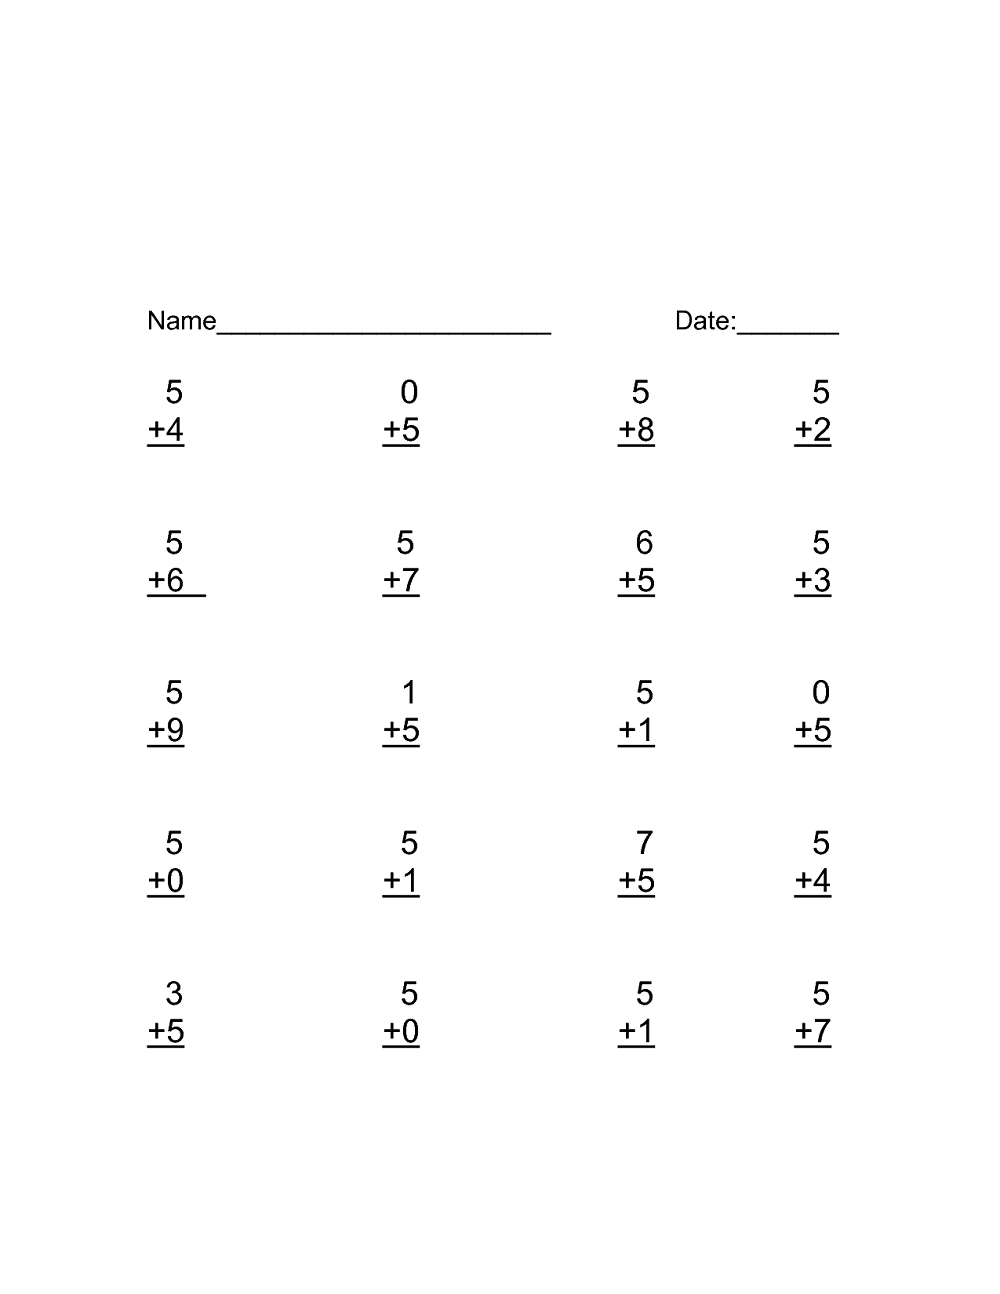 Addition Worksheets For Kindergarten 2019 Kindergarten Addition Worksheets Kindergarten Worksheets Basic Addition Worksheets [ 1294 x 1000 Pixel ]